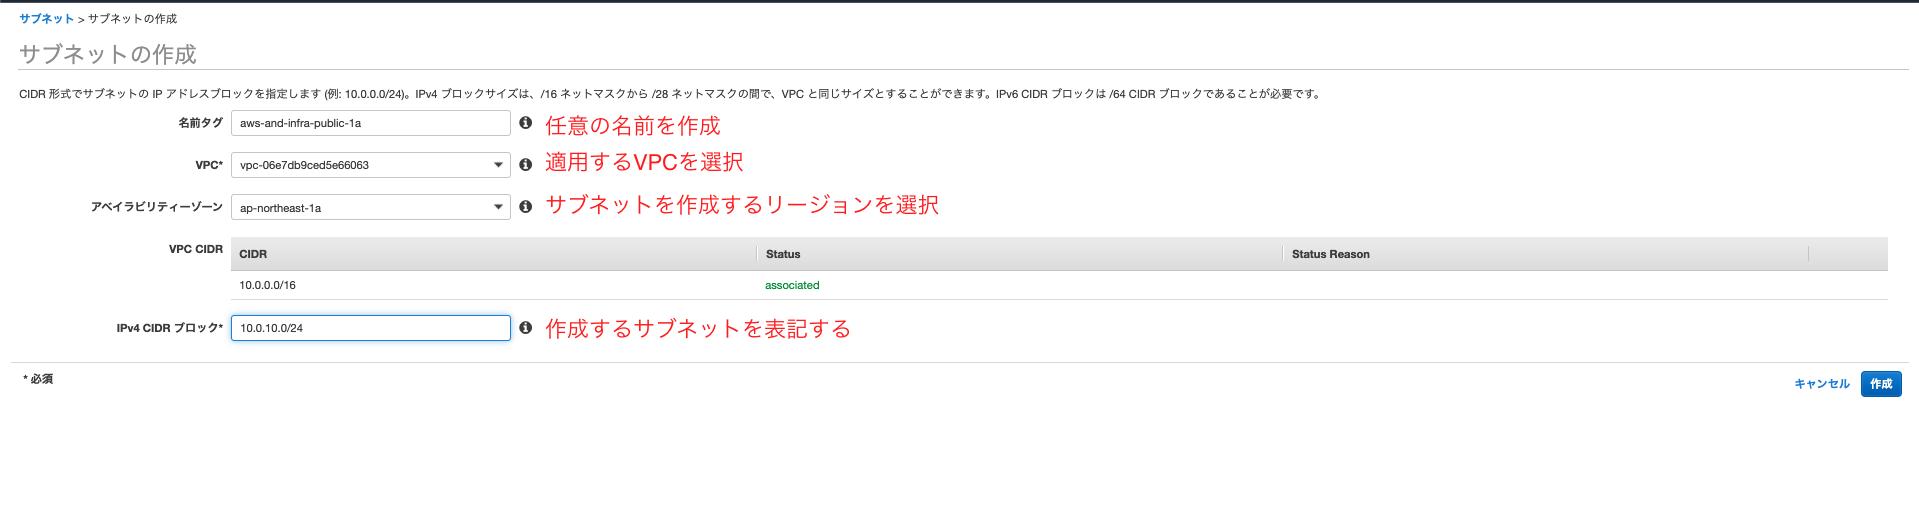 スクリーンショット 2020-11-02 0.17.28.png (94.6 kB)